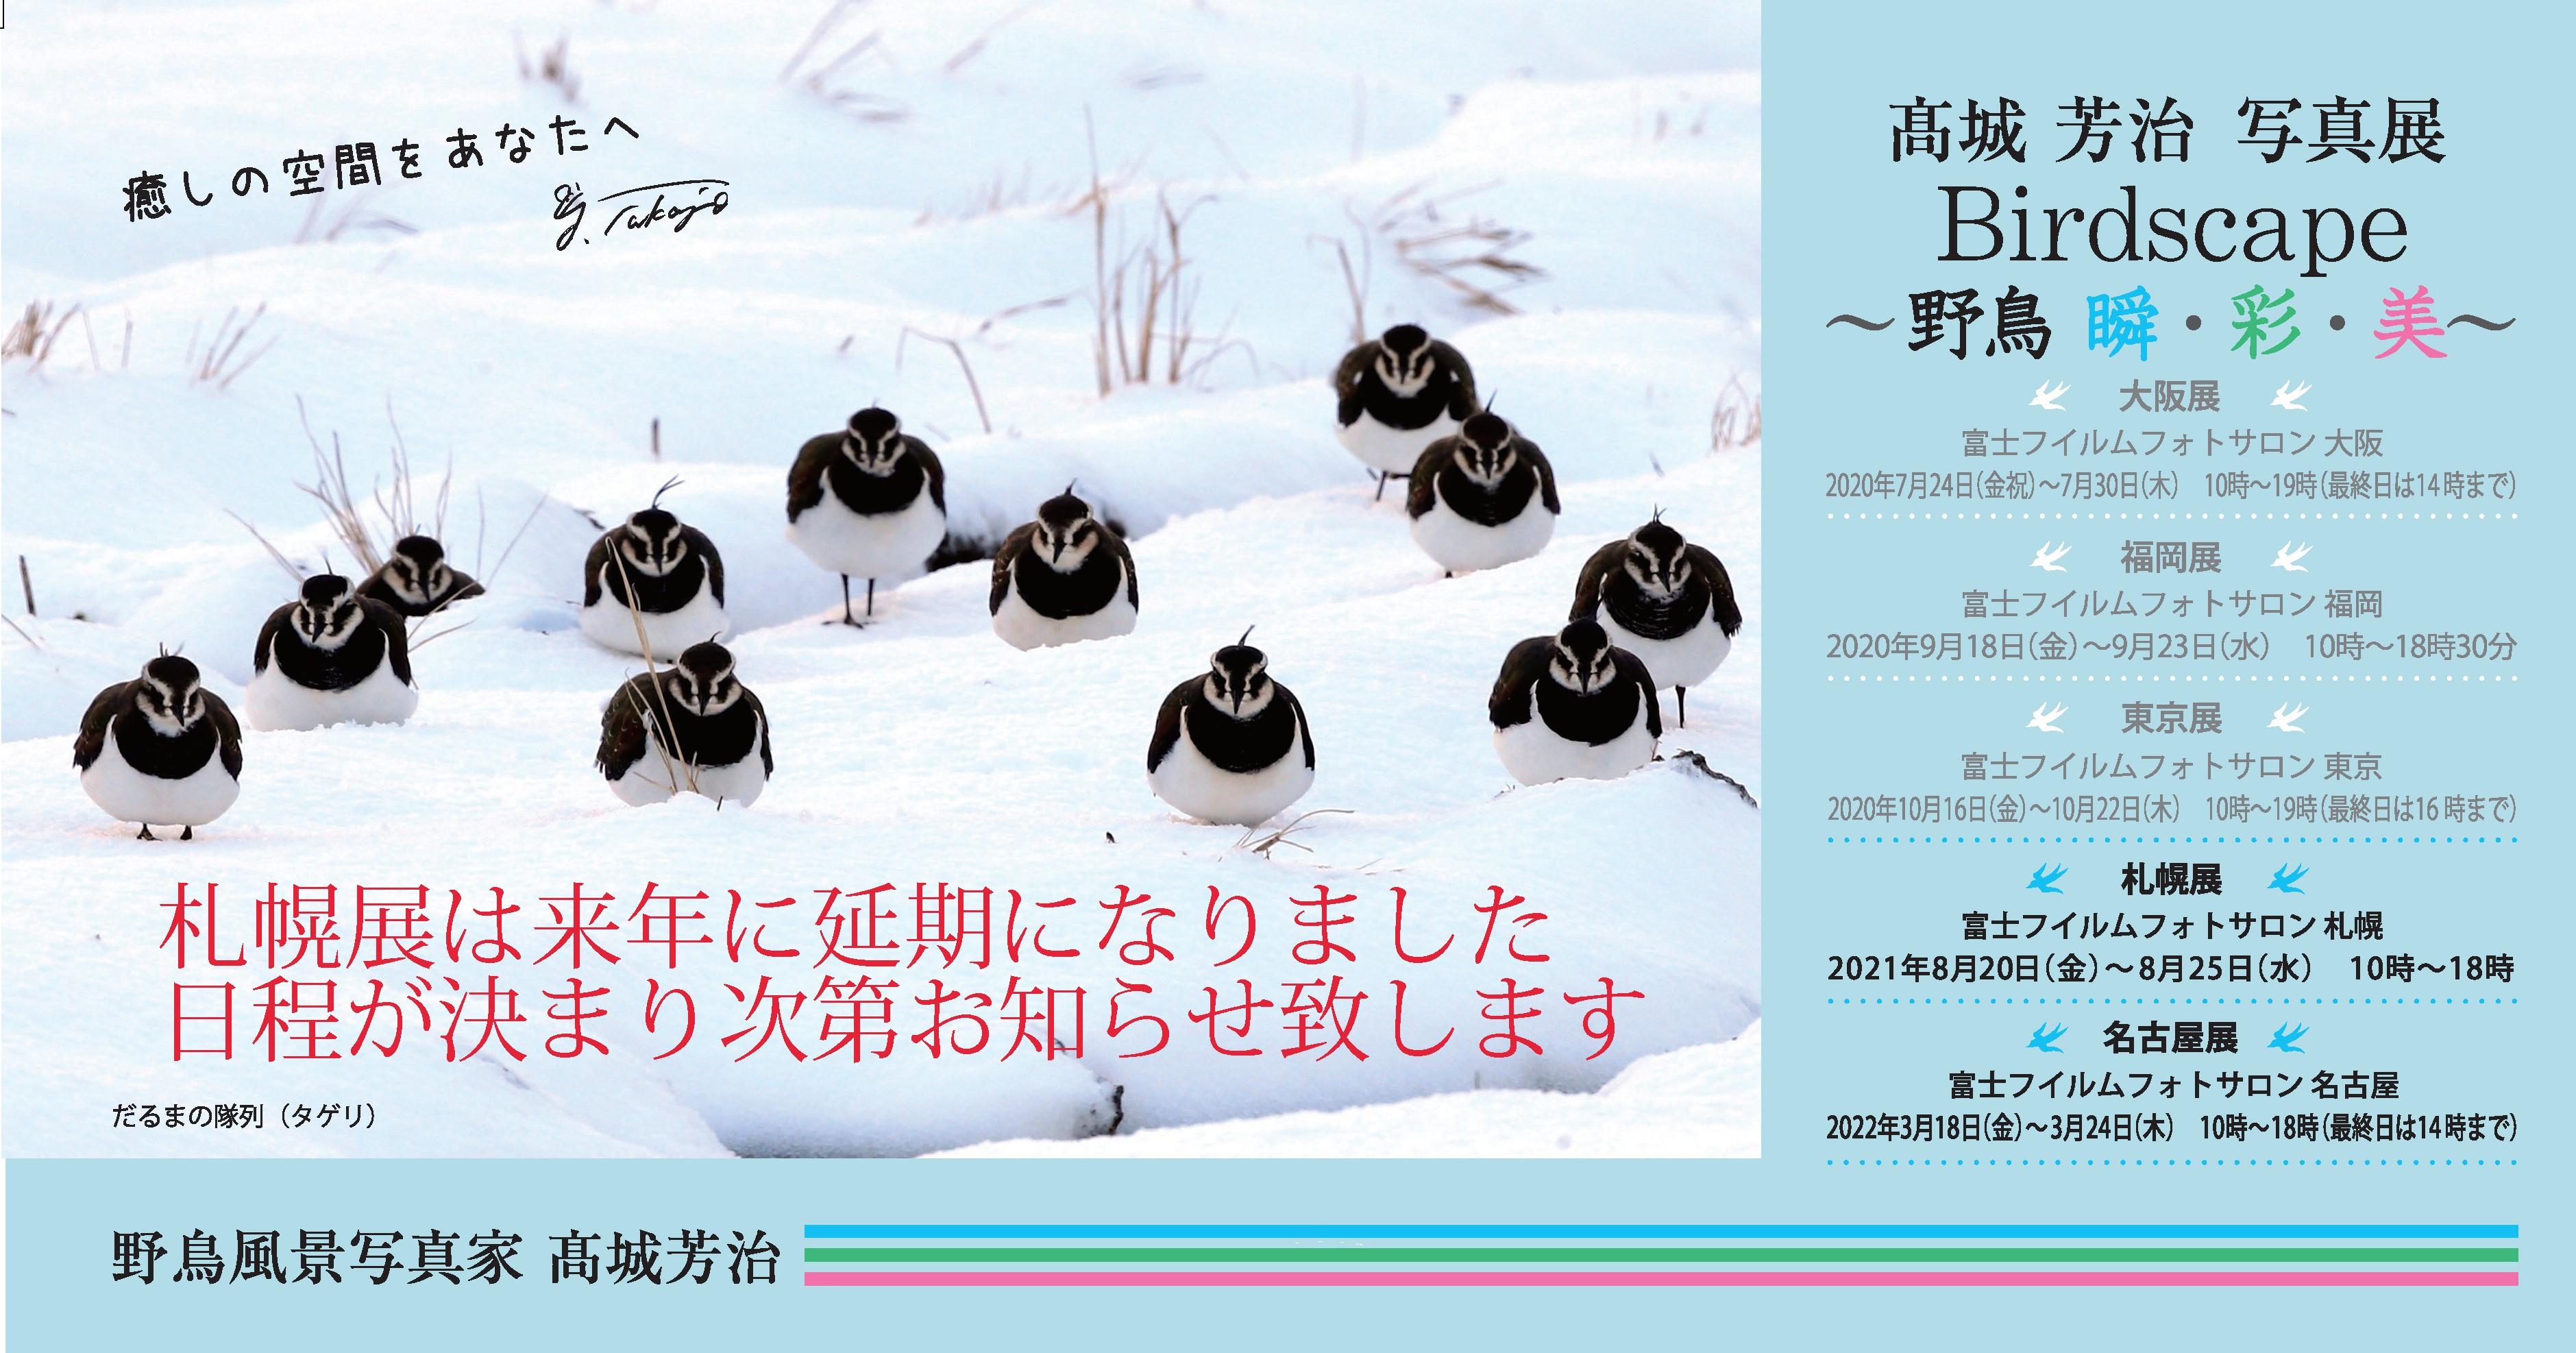 http://www.nature-bird.com/wp-content/uploads/2021/08/c3415b3d12b14e9bcd8c706c88697169.jpg